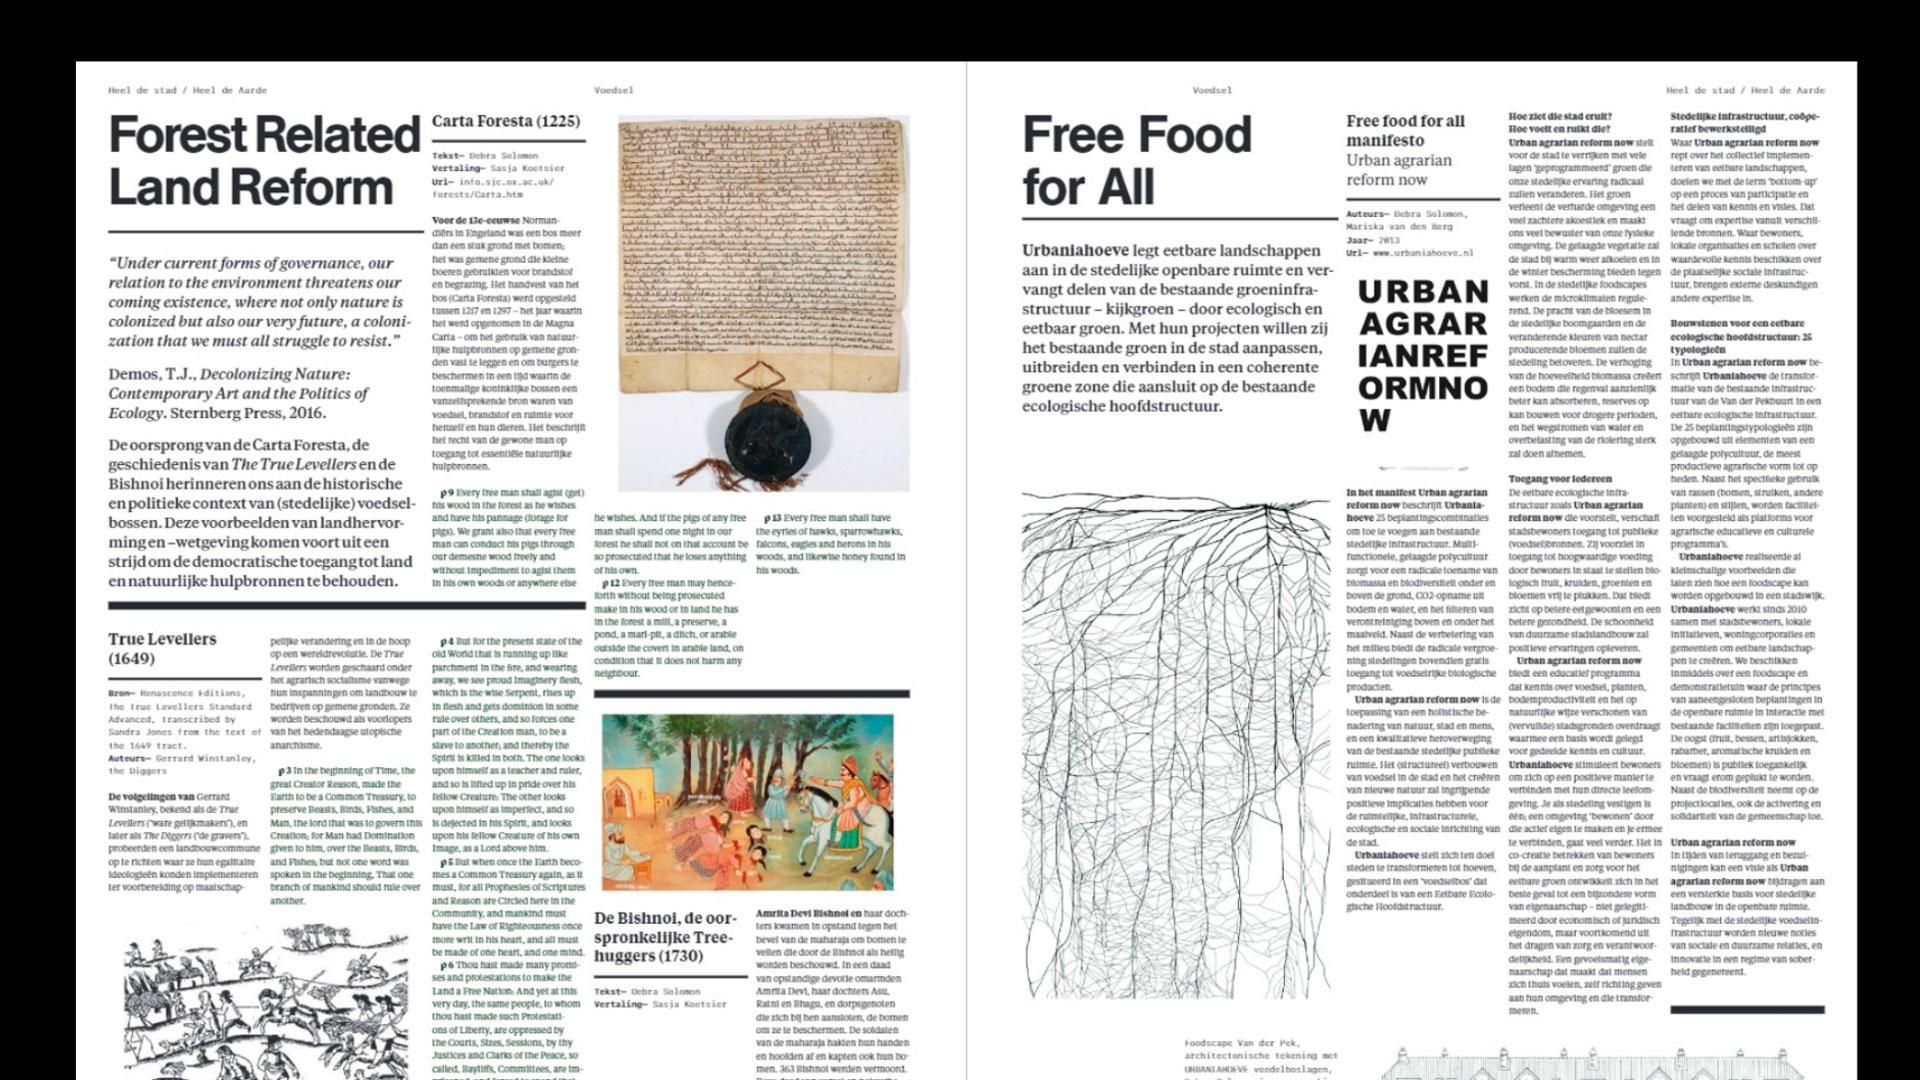 Whole Earth Catalog Cover / Heel de stad Heel de Aarde spread